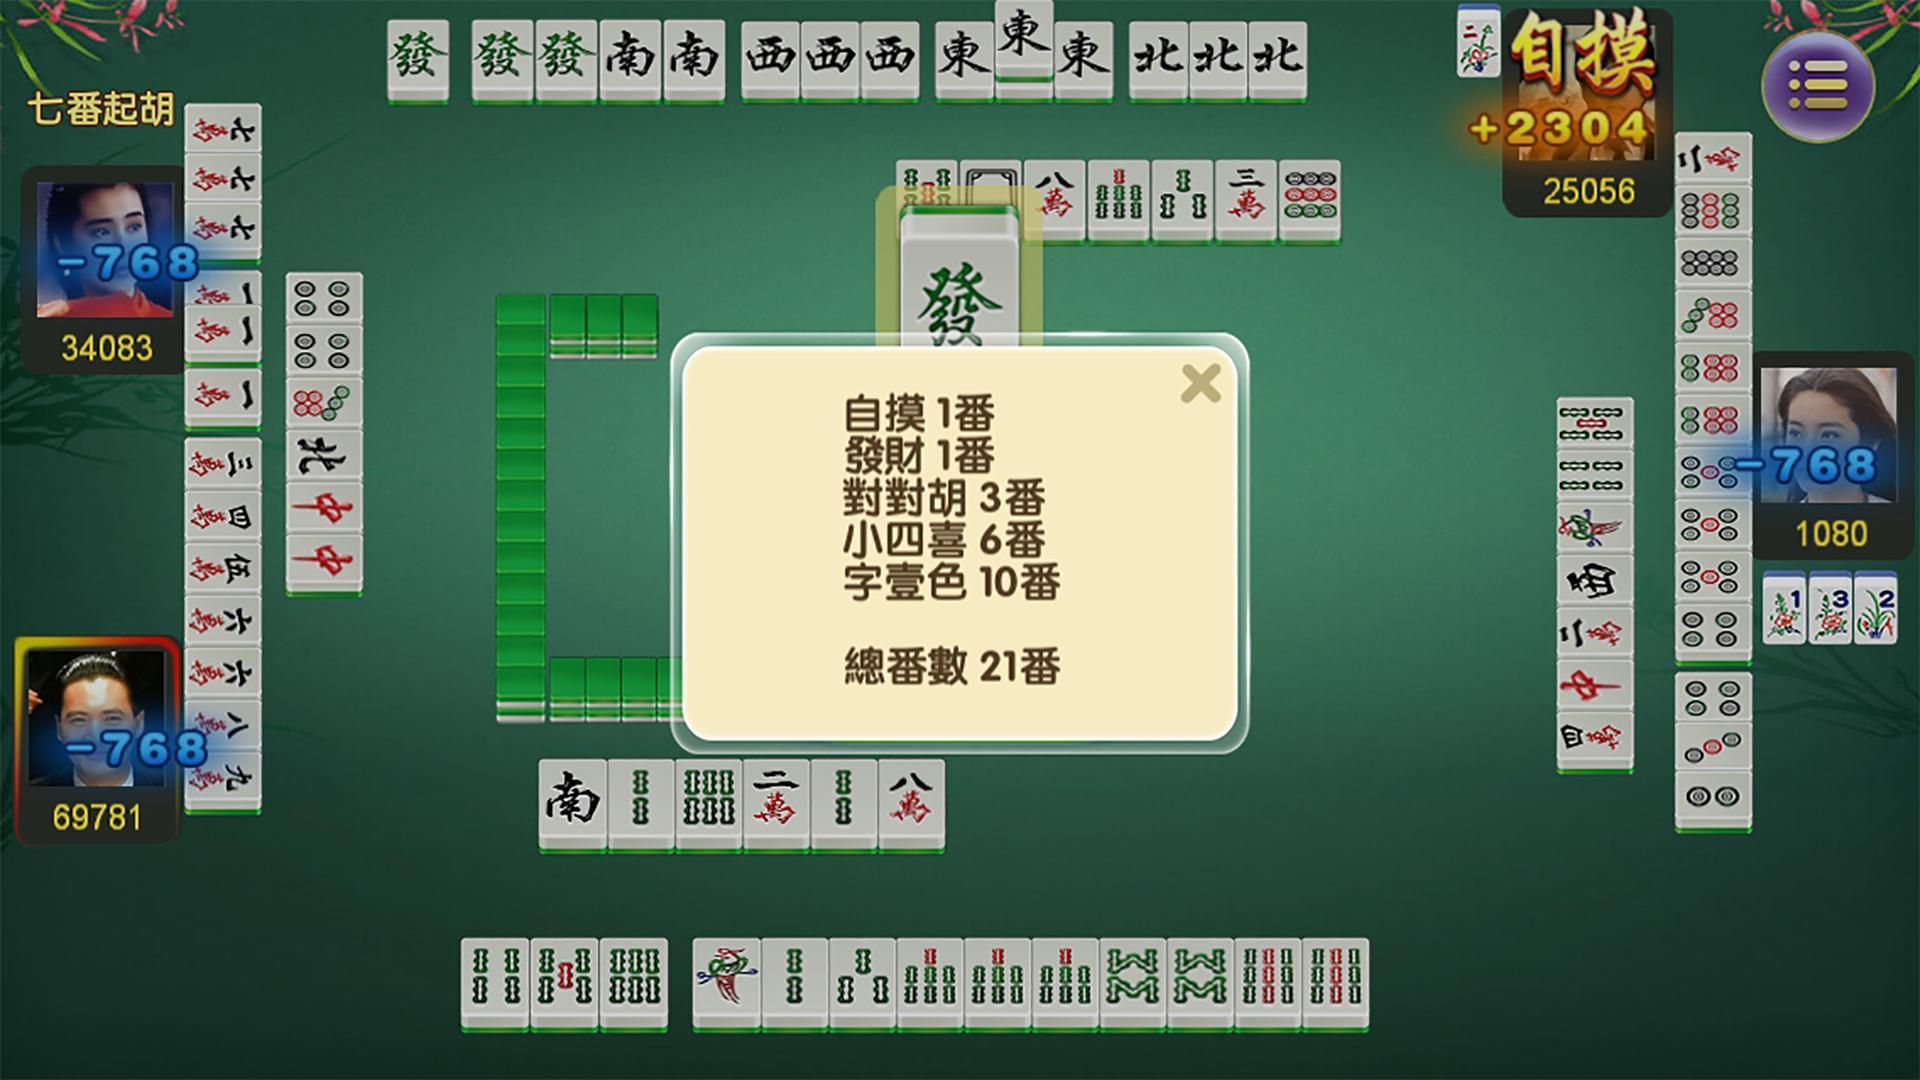 正宗香港麻雀-广东麻将,欢乐斗地主 3.1.8 Screenshot 6